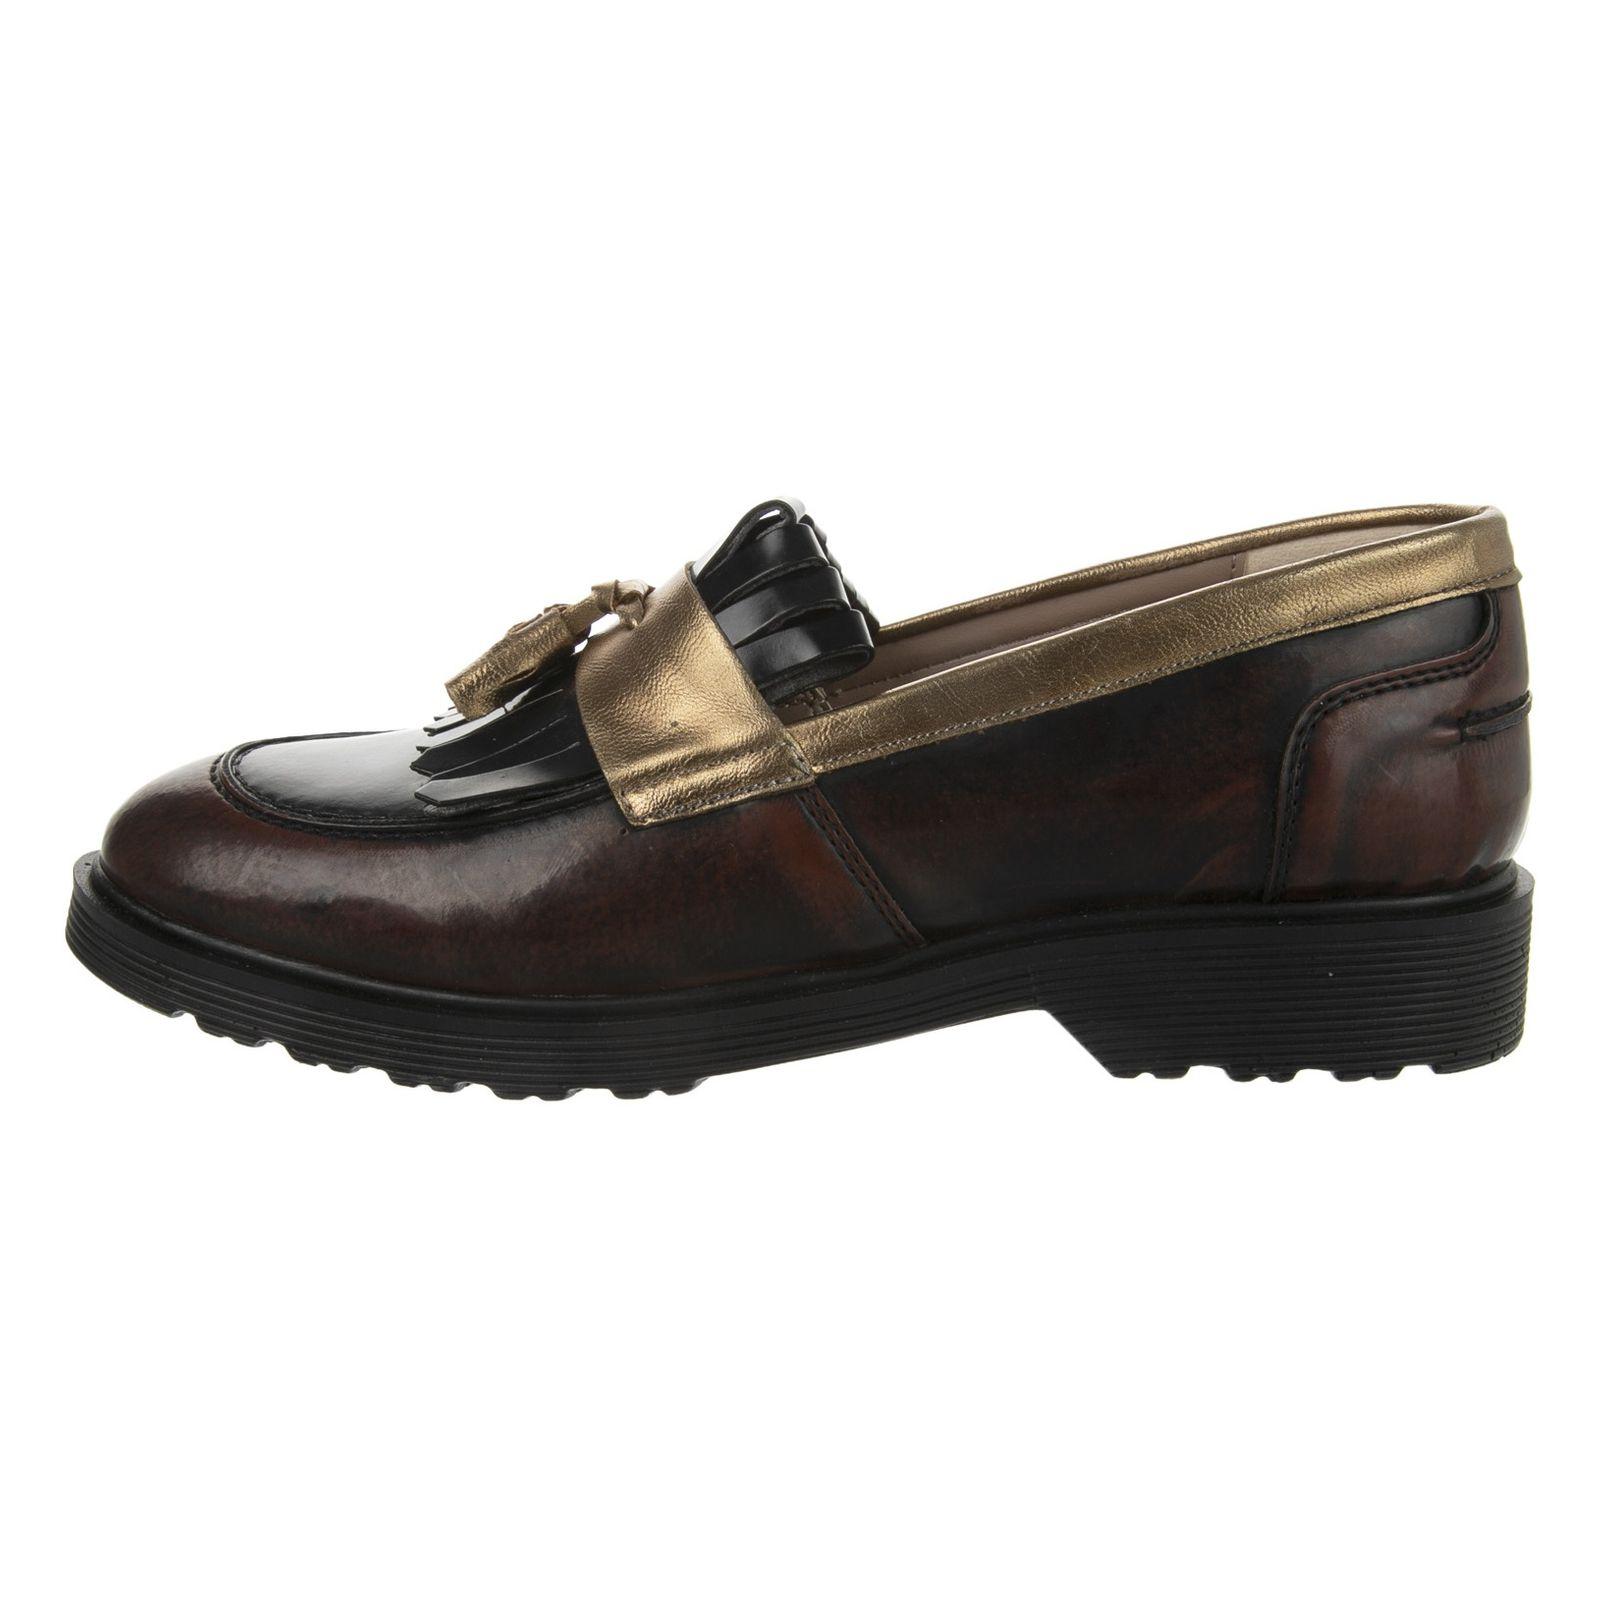 کفش زنانه بوتیگو مدل 100229509-Bu -  - 3